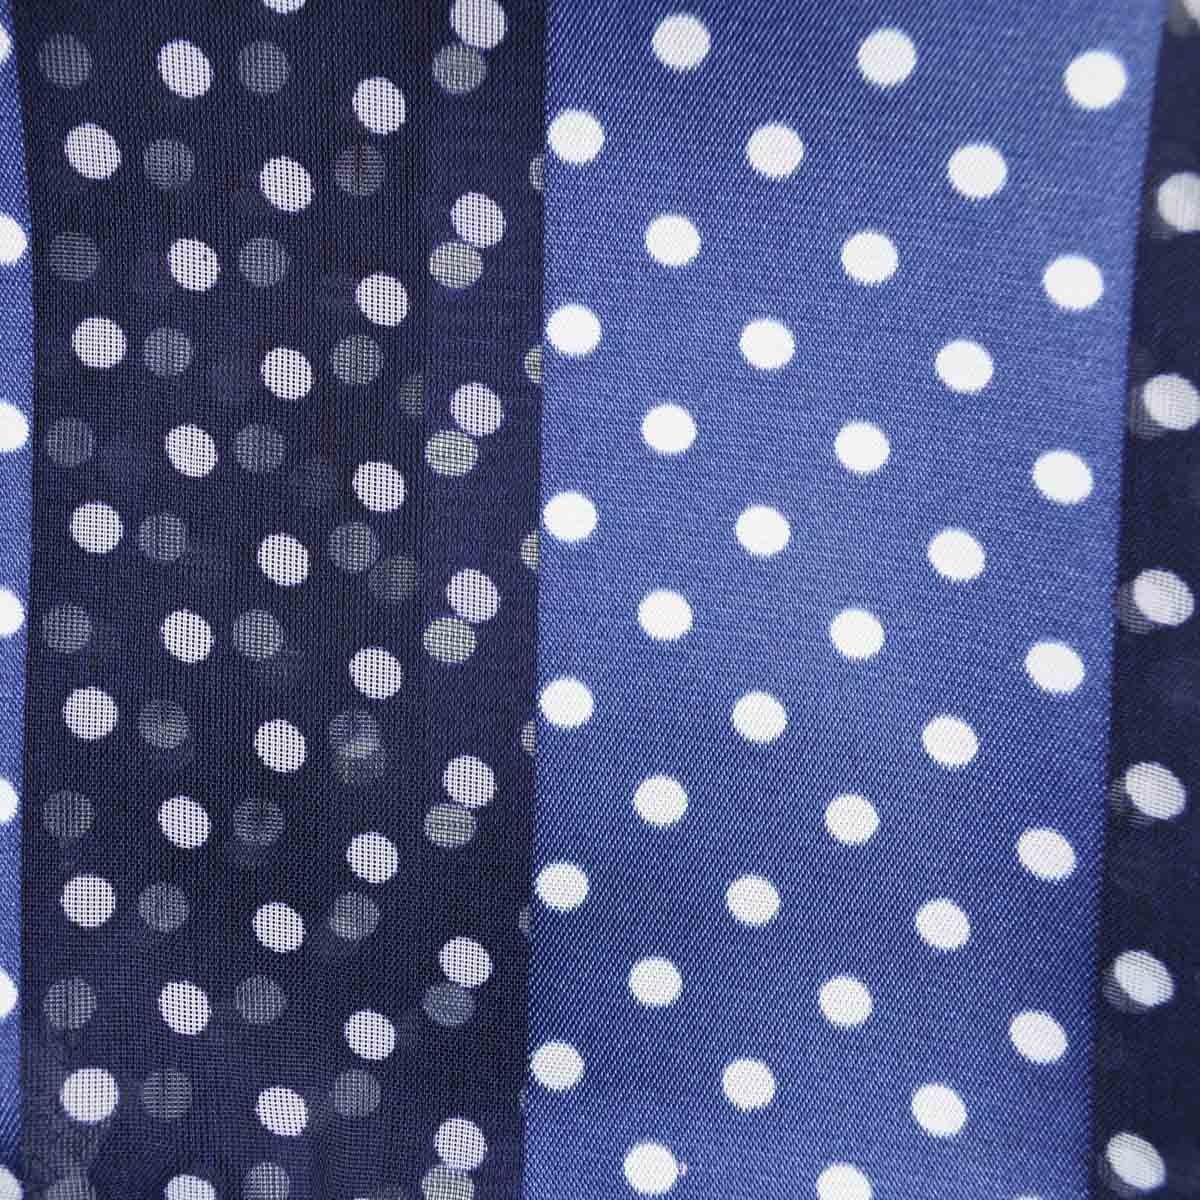 excellente qualit/é d/écharpe Motif pois r/étro foulards Jolie /écharpe pour femme Motif pois et 60s ann/ées